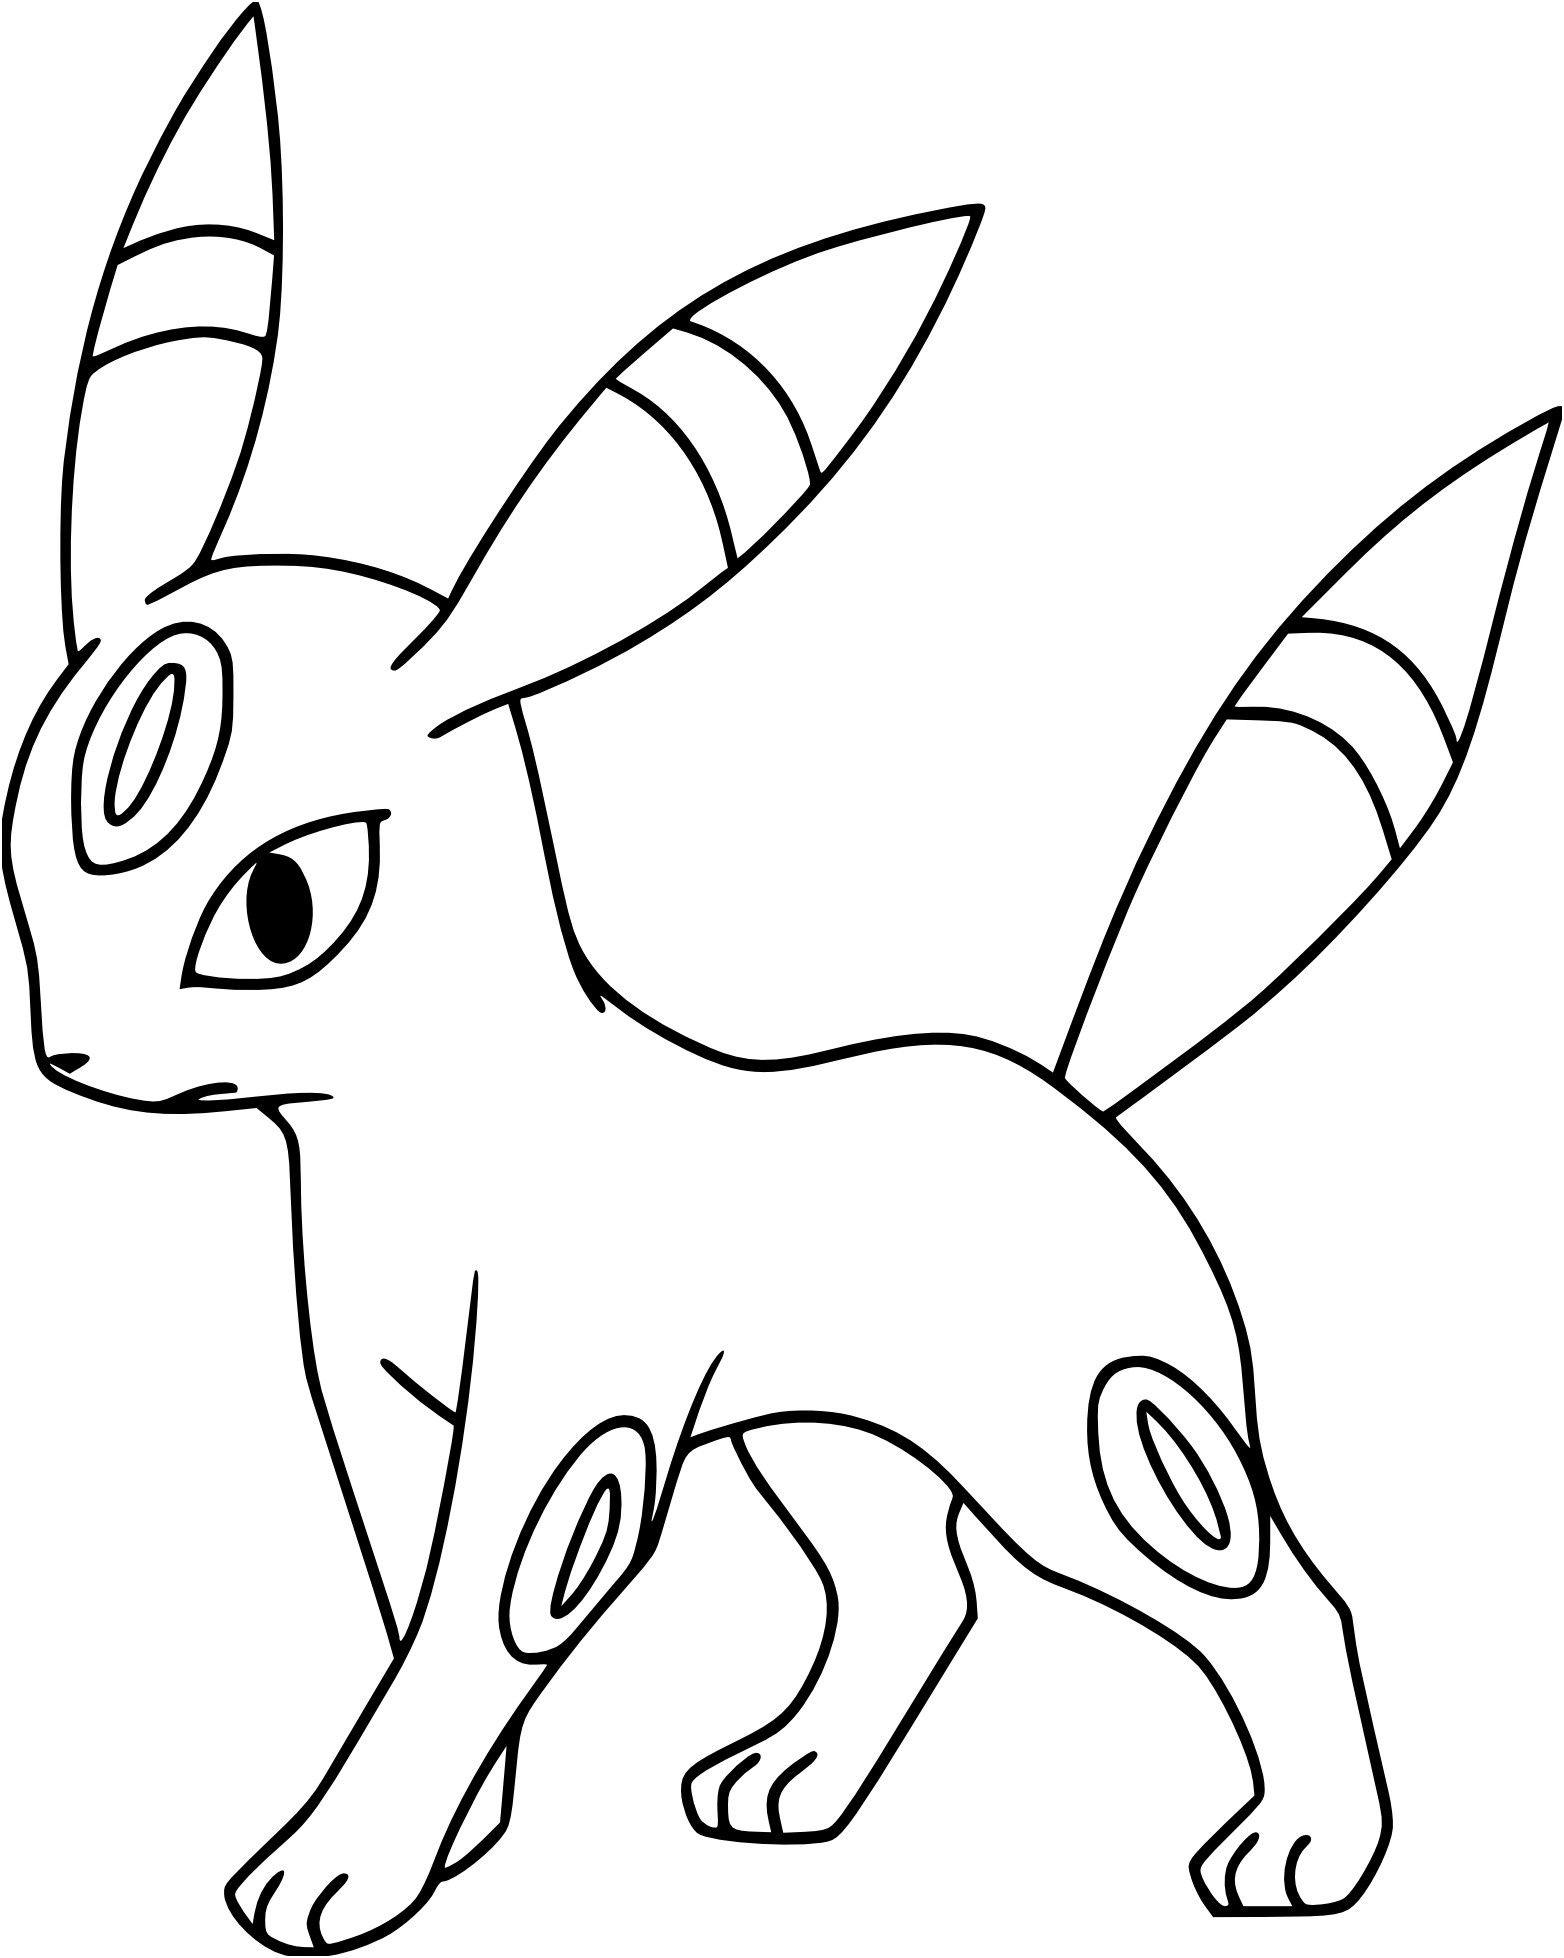 Coloriage Pokemon Grneousse Feunnec Marisson Et Pikachu Coloriage Pokemon Coloriage Pokemon A Imprimer Coloriage Pikachu